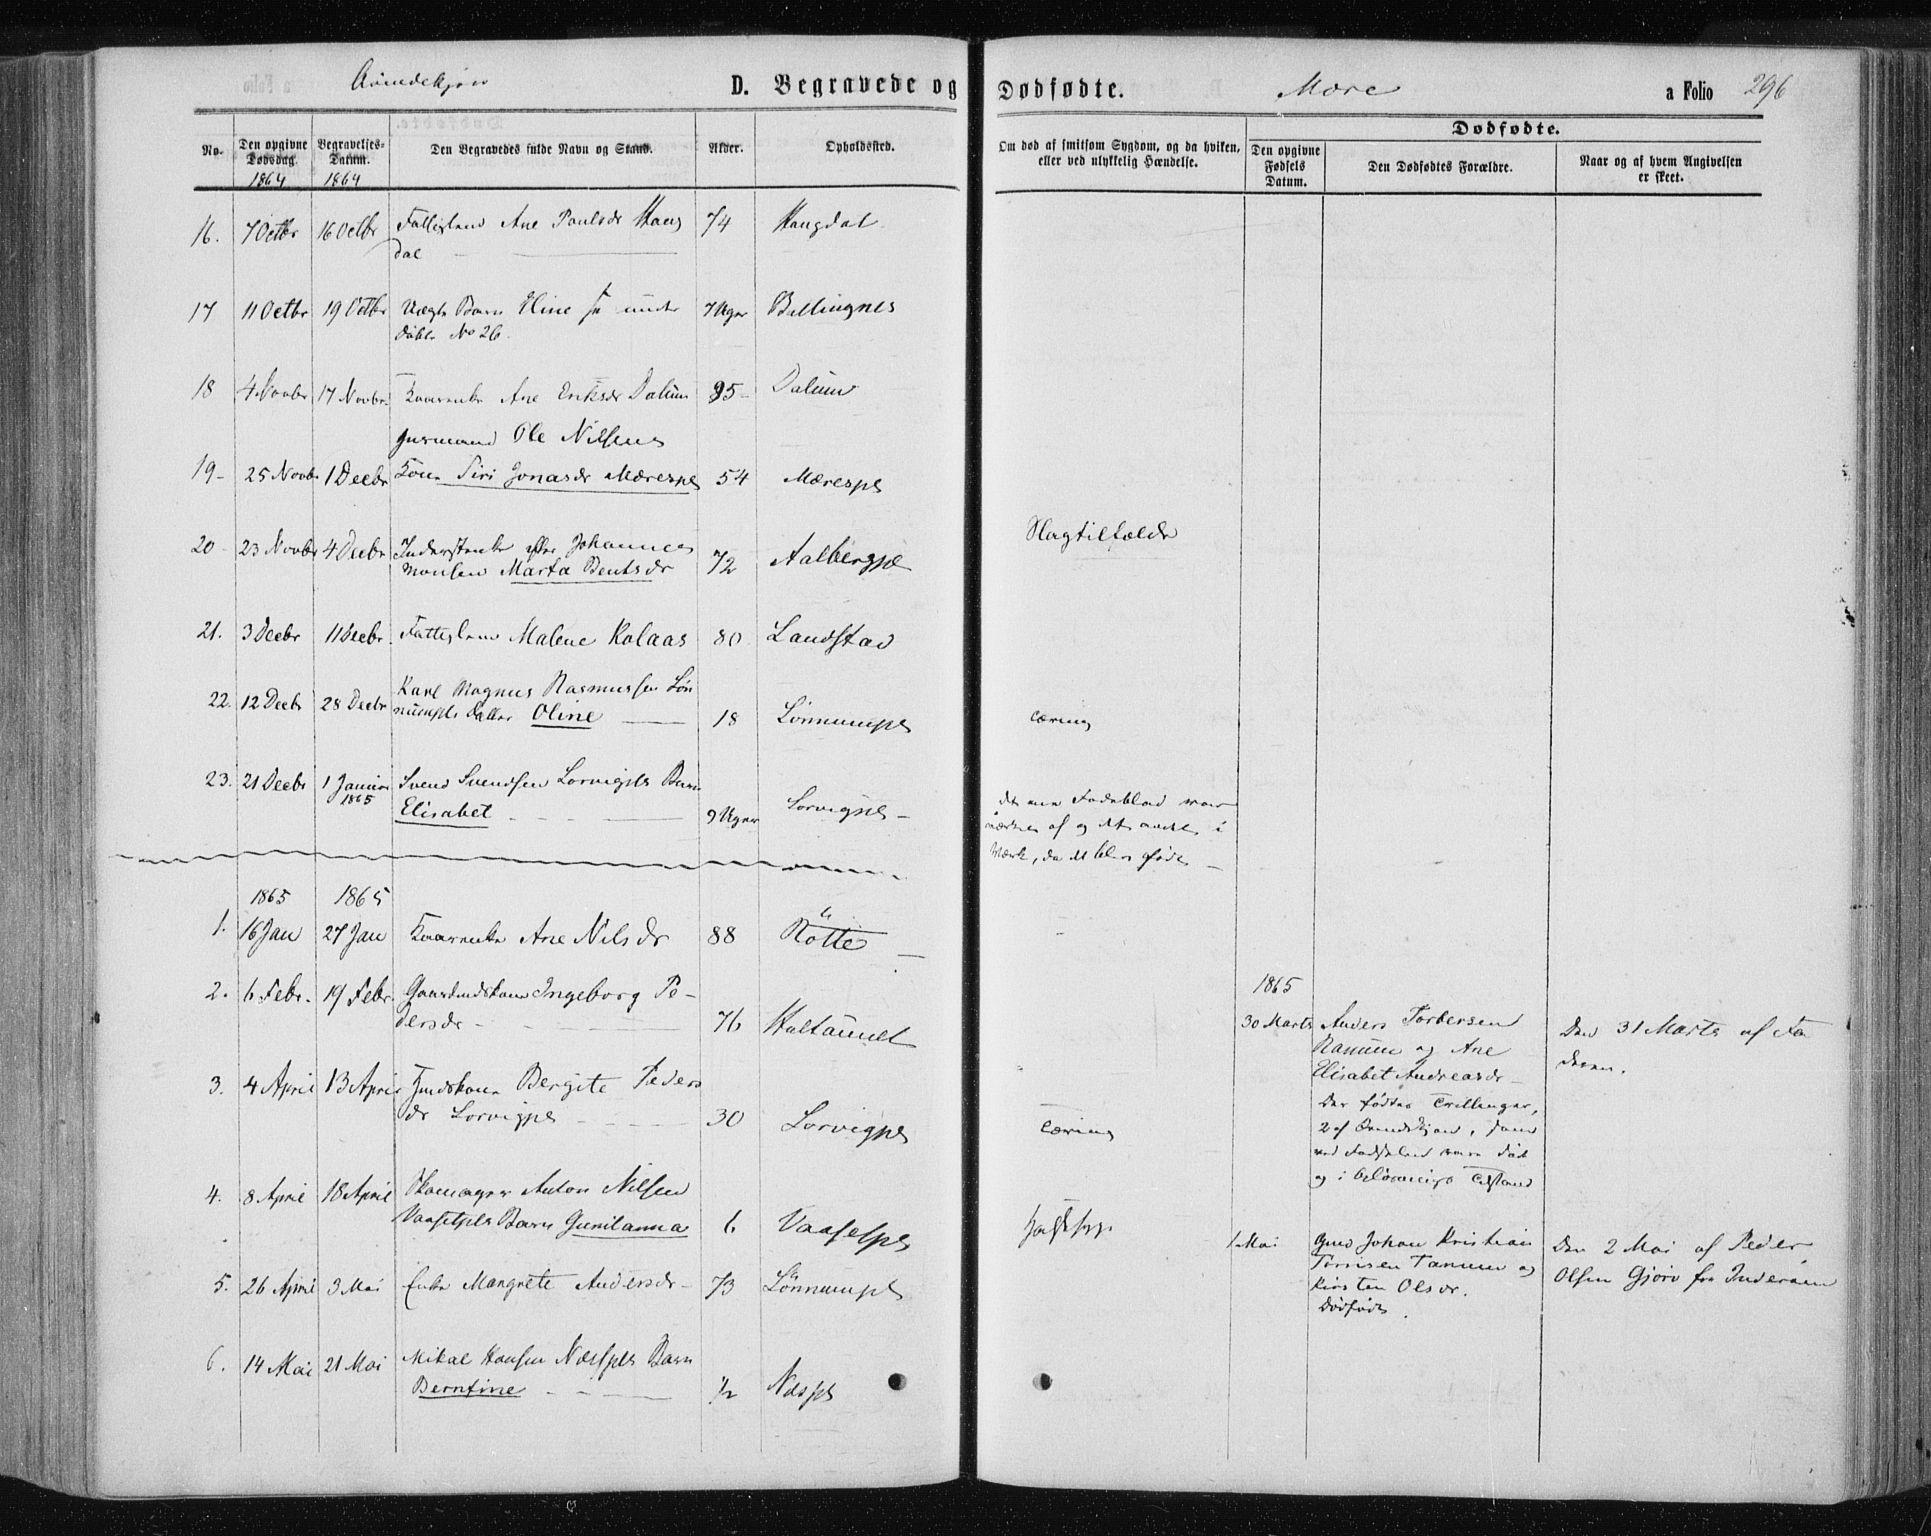 SAT, Ministerialprotokoller, klokkerbøker og fødselsregistre - Nord-Trøndelag, 735/L0345: Ministerialbok nr. 735A08 /1, 1863-1872, s. 296